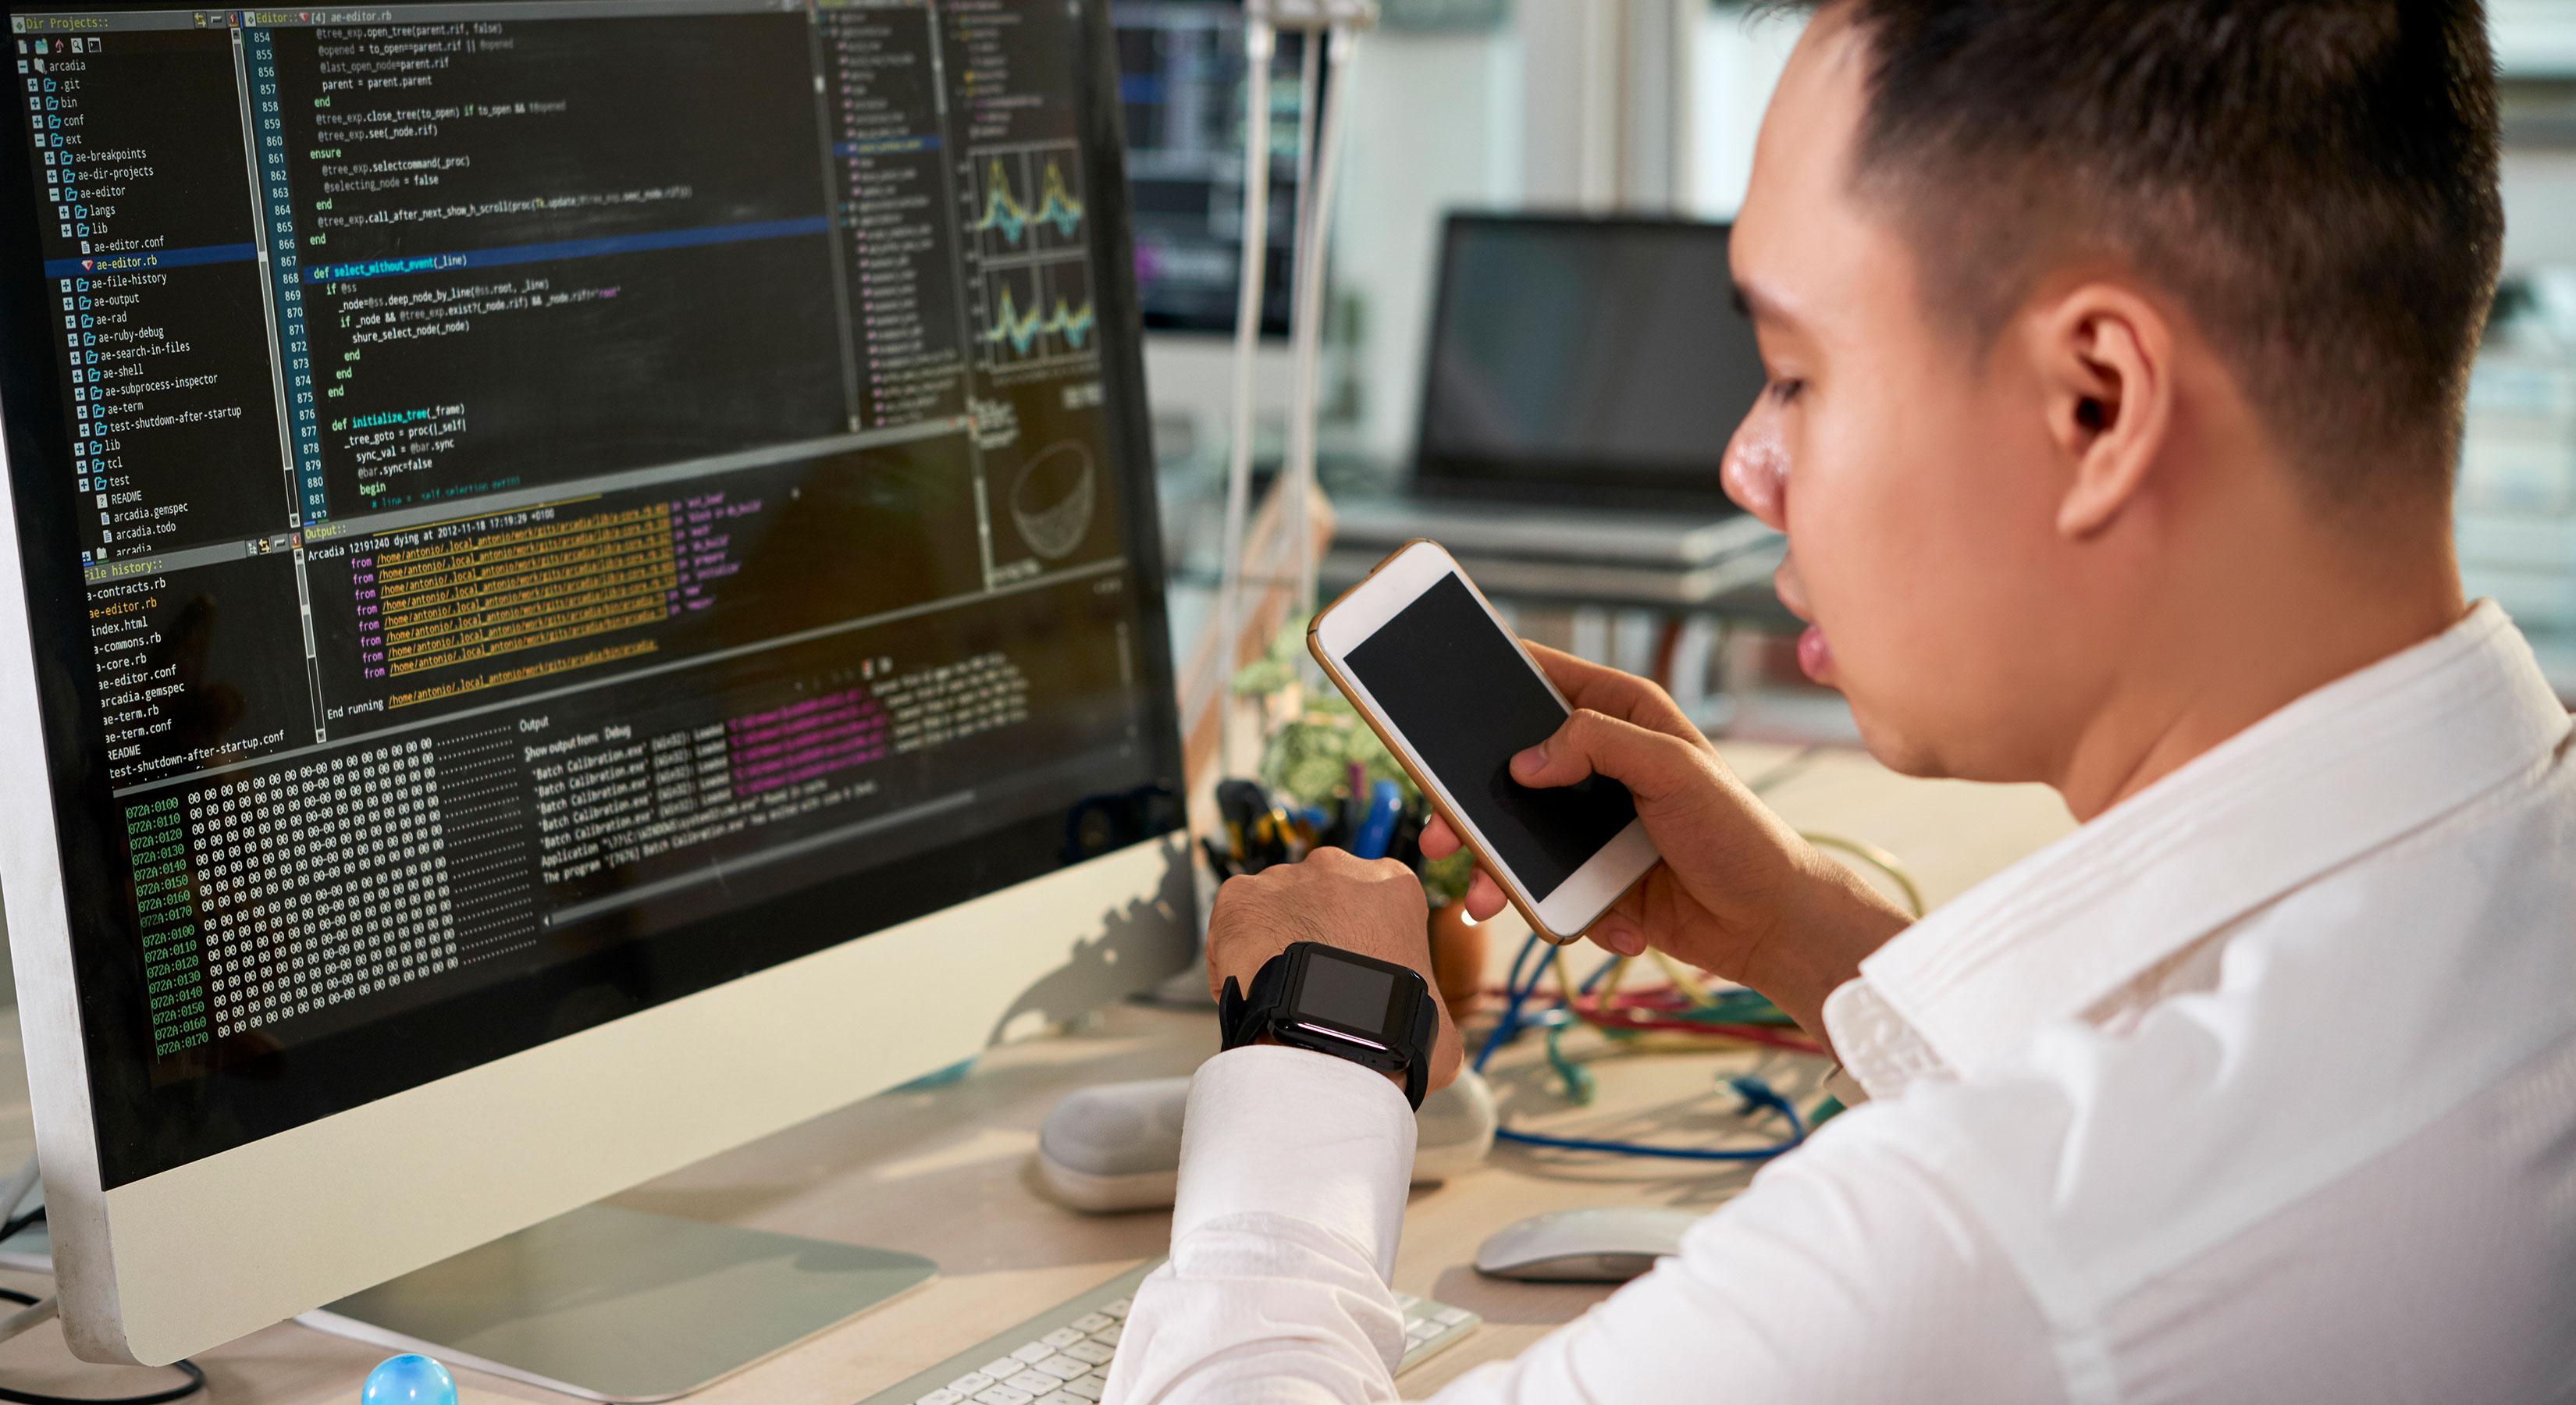 Frontline - iOS Developer for Apple Systems